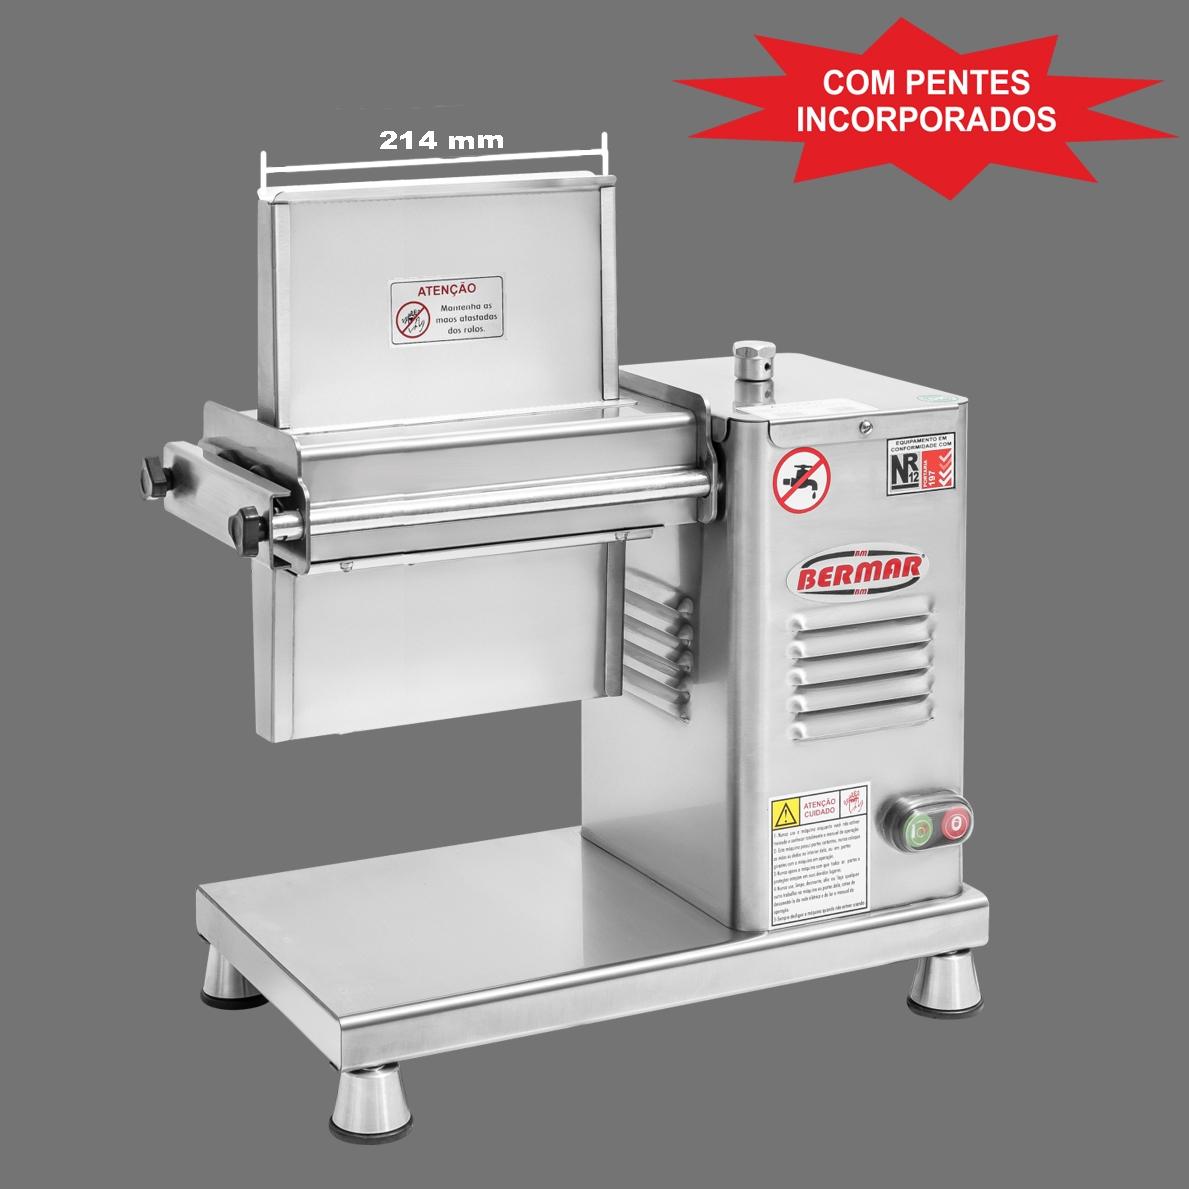 Amaciador Carnes Bermar Bm115NR PF BIV. Super Inox 400 Kg/h